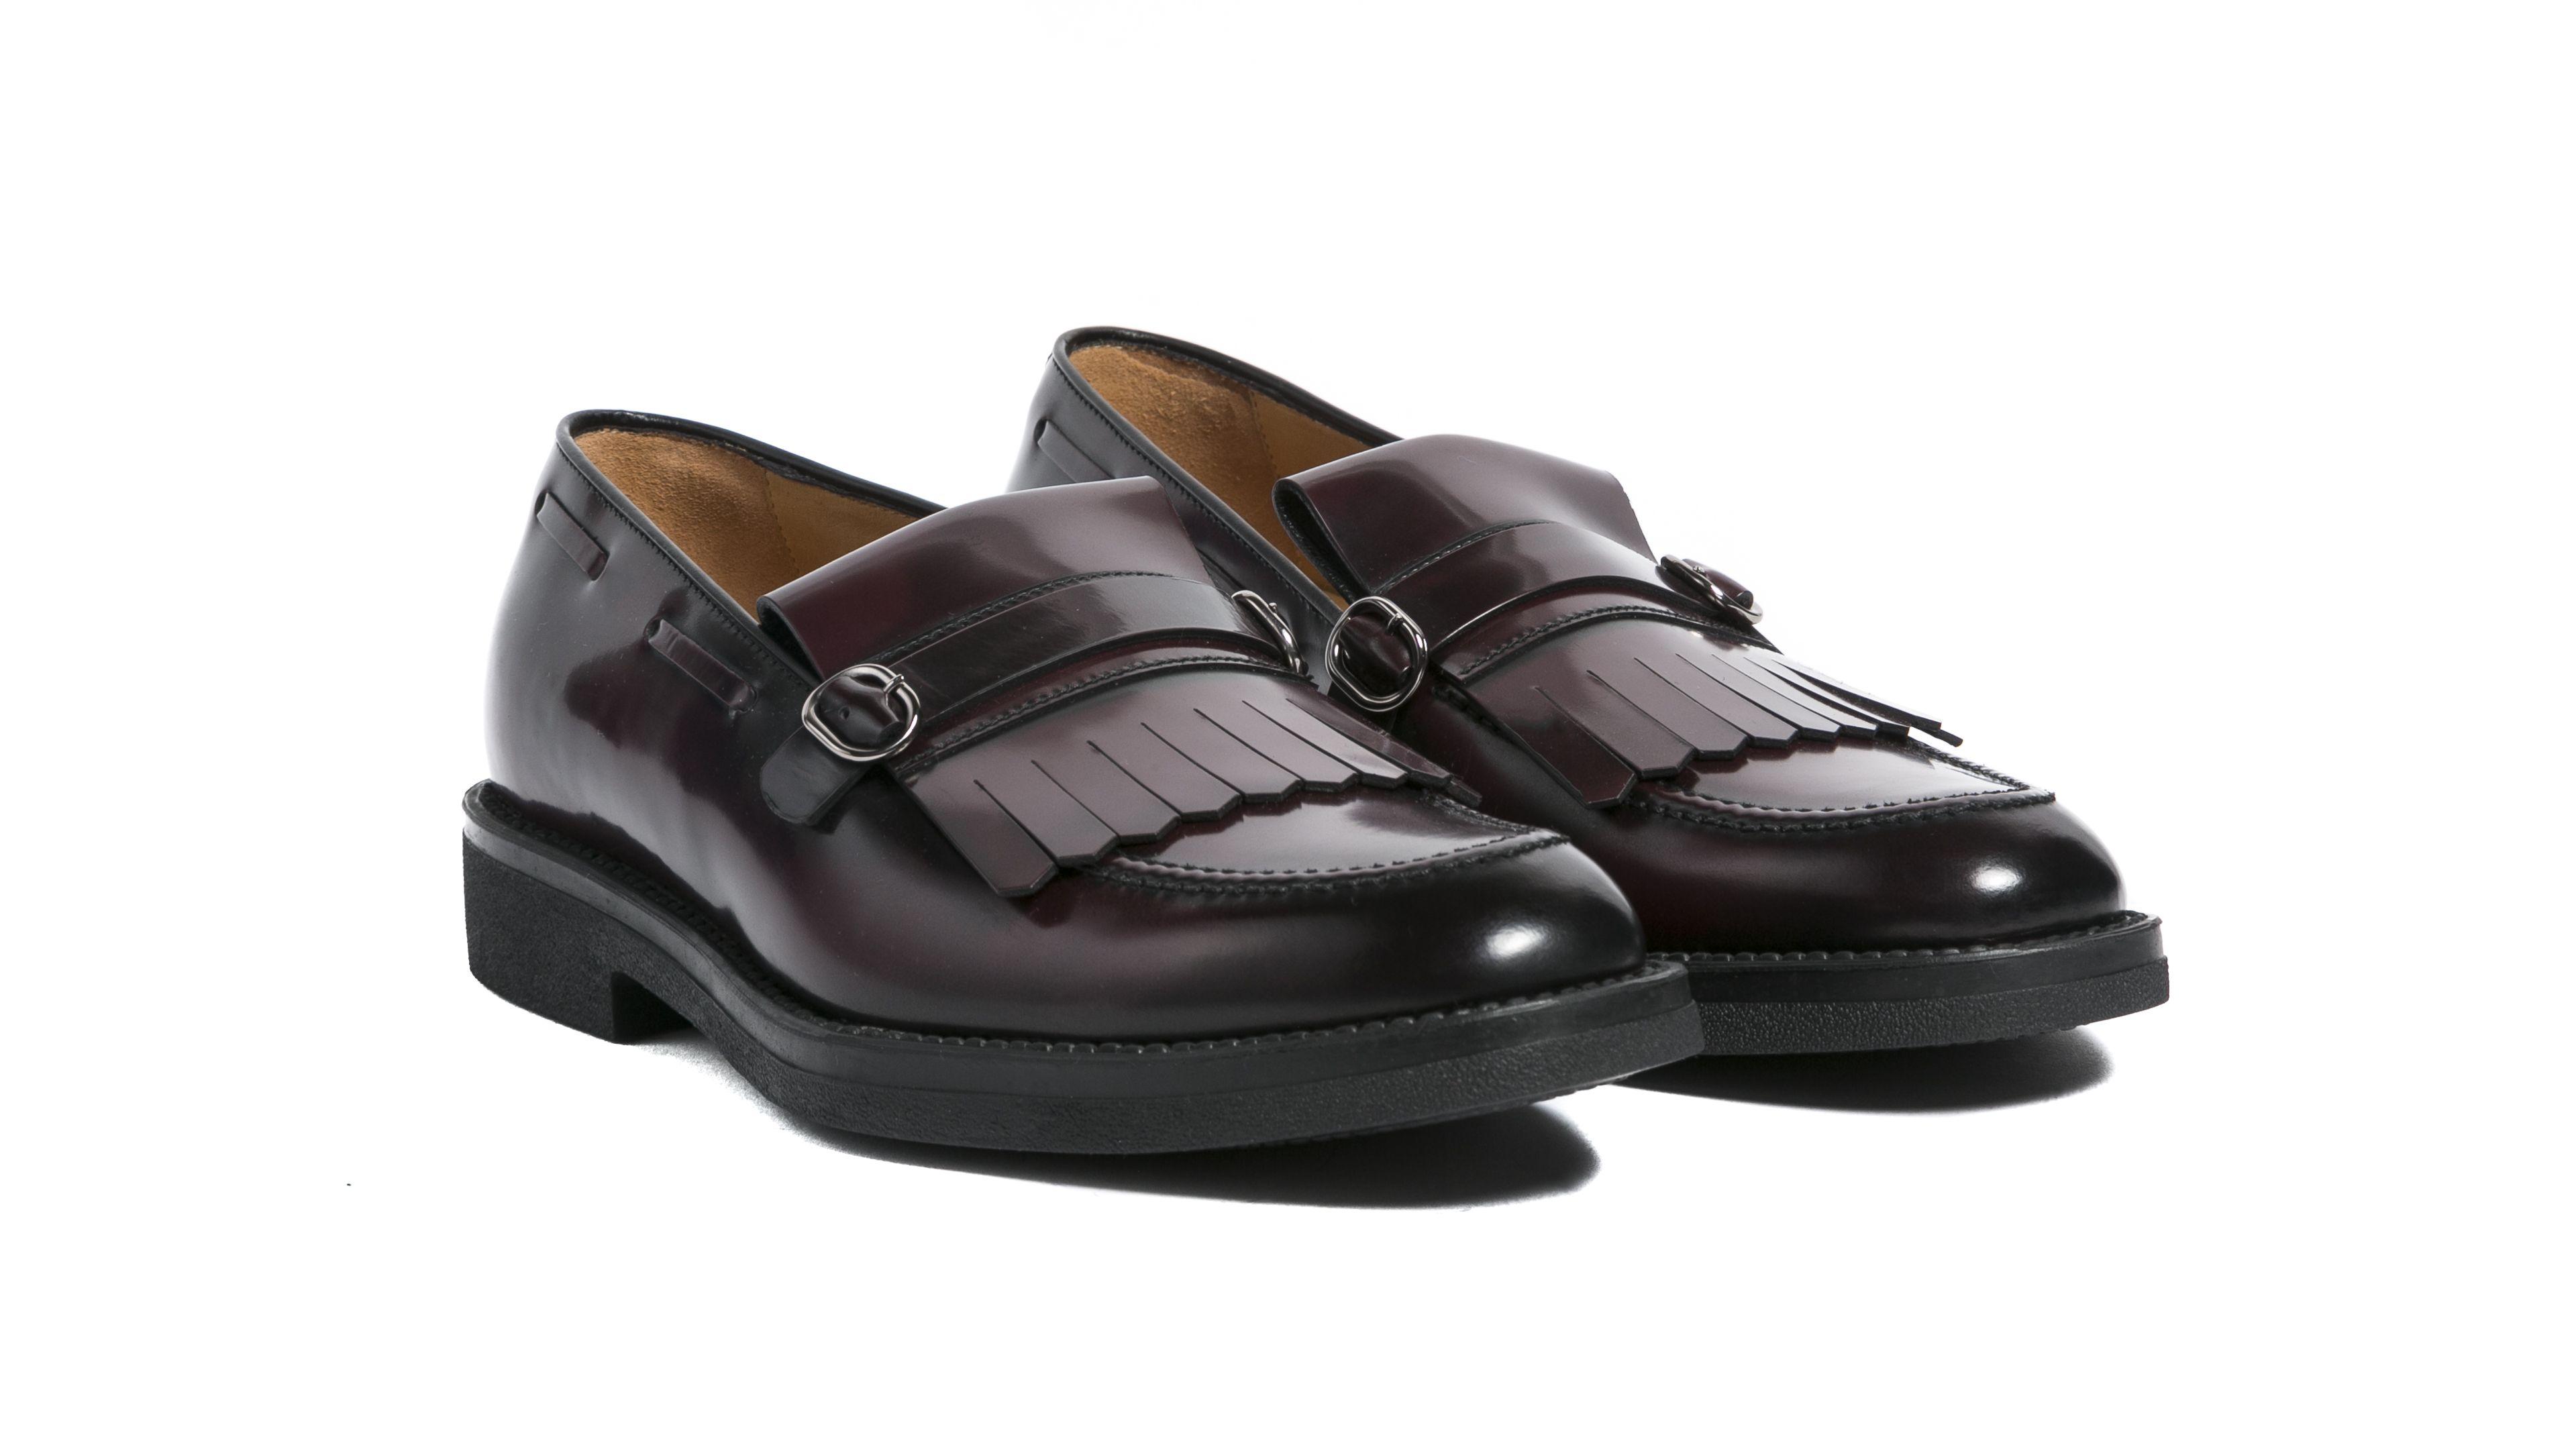 Zapatos Barrett Fw19 Zapatos Con Flecos Zapatos Italianos Zapatos Pintados A Mano